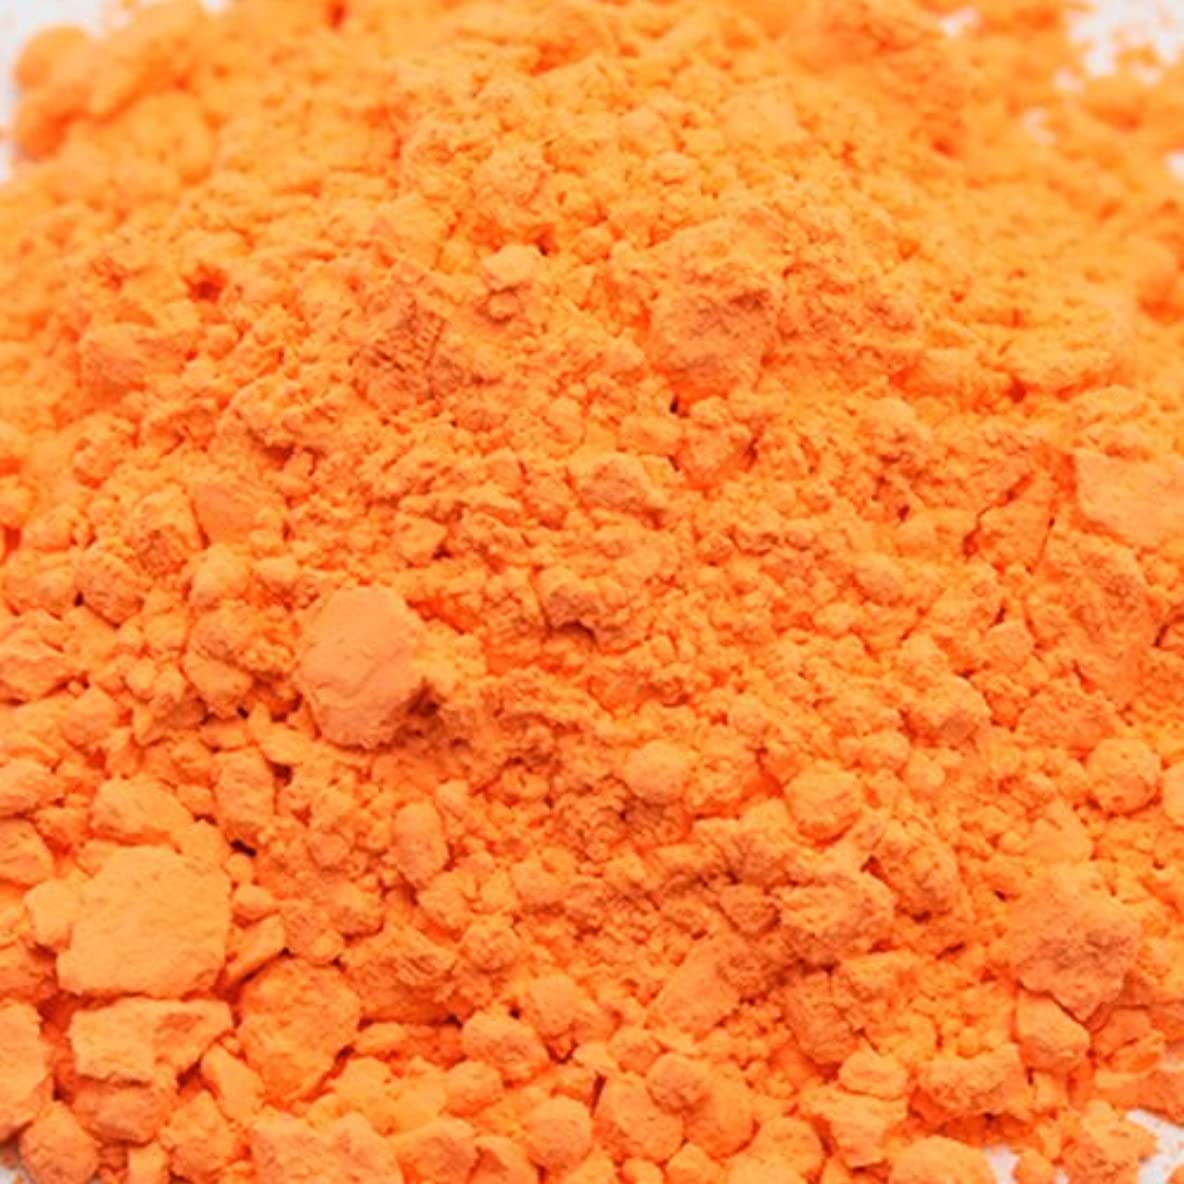 おんどりフィルタ極地キャンディカラー オレンジ 20g 【手作り石鹸/手作りコスメ/色付け/カラーラント/オレンジ】